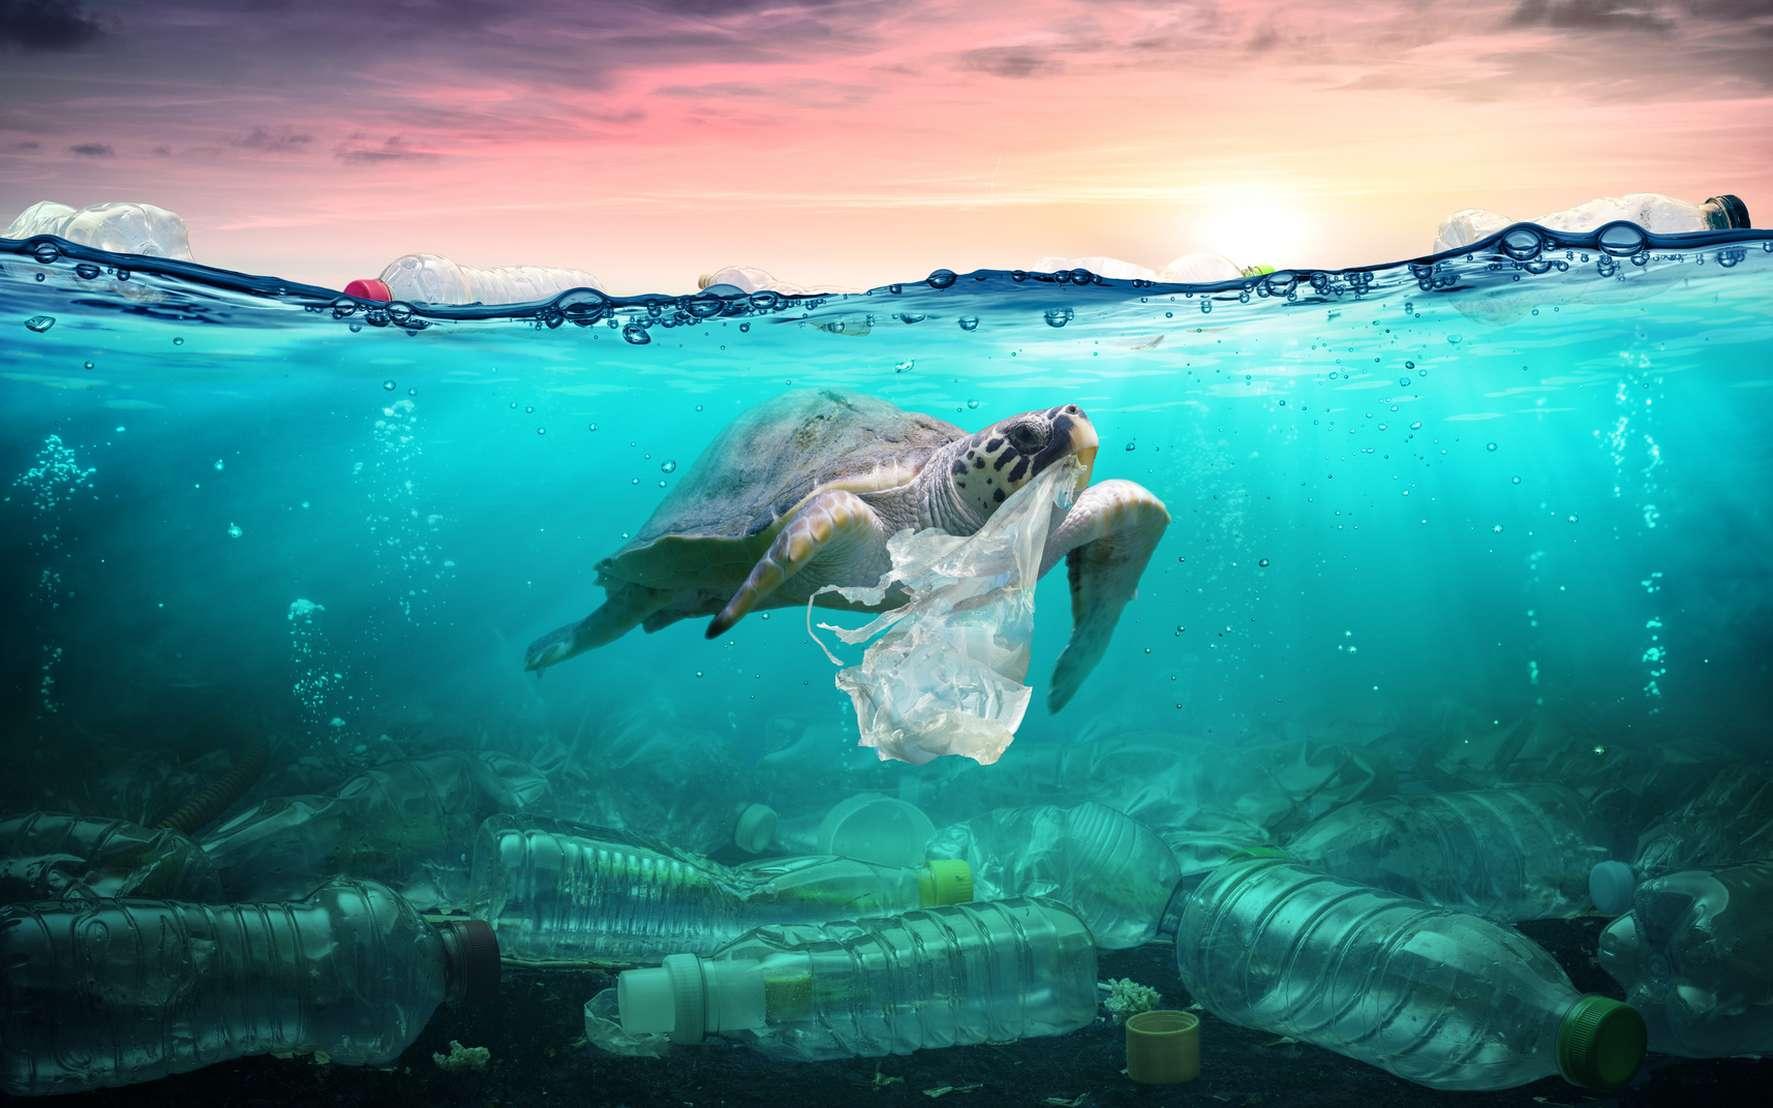 Chaque année, 4 à 12 millions de tonnes de déchets de matière plastique atteignent l'océan, où cette masse s'accumule en se fragmentant. La solution est un recyclage systématique. © Romolo Tavani, fotolia